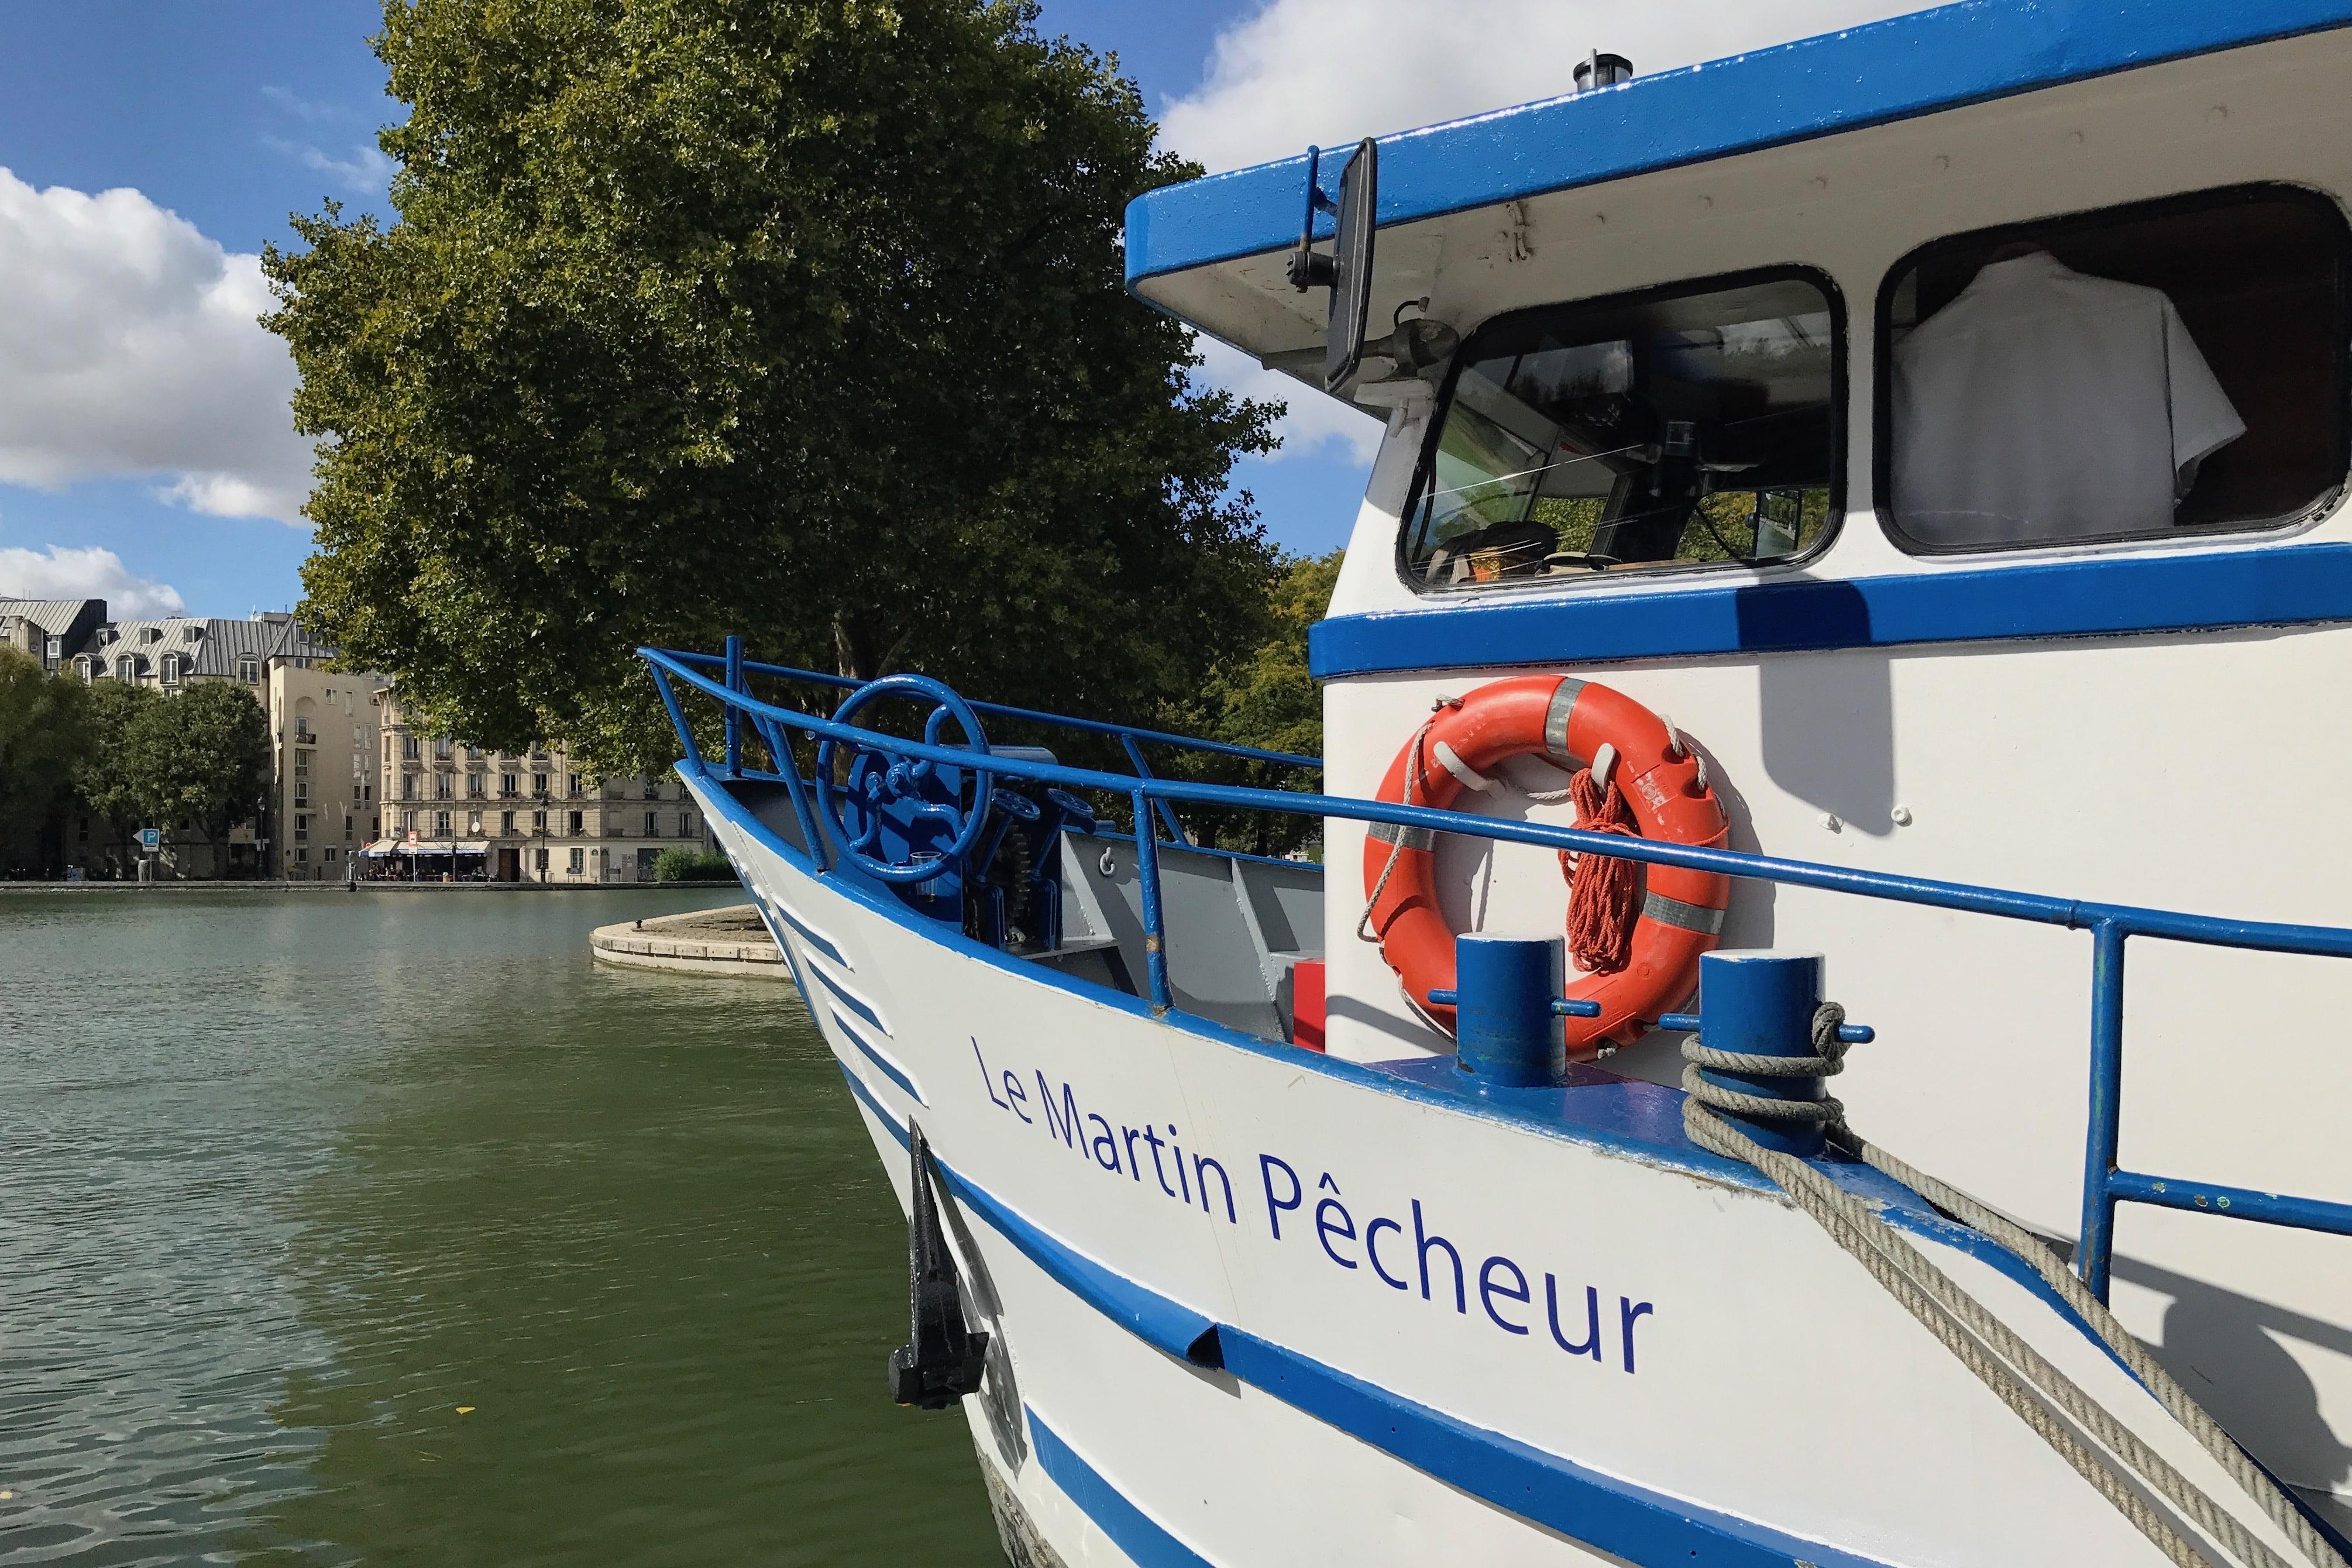 Martin Pêcheur proue de jour